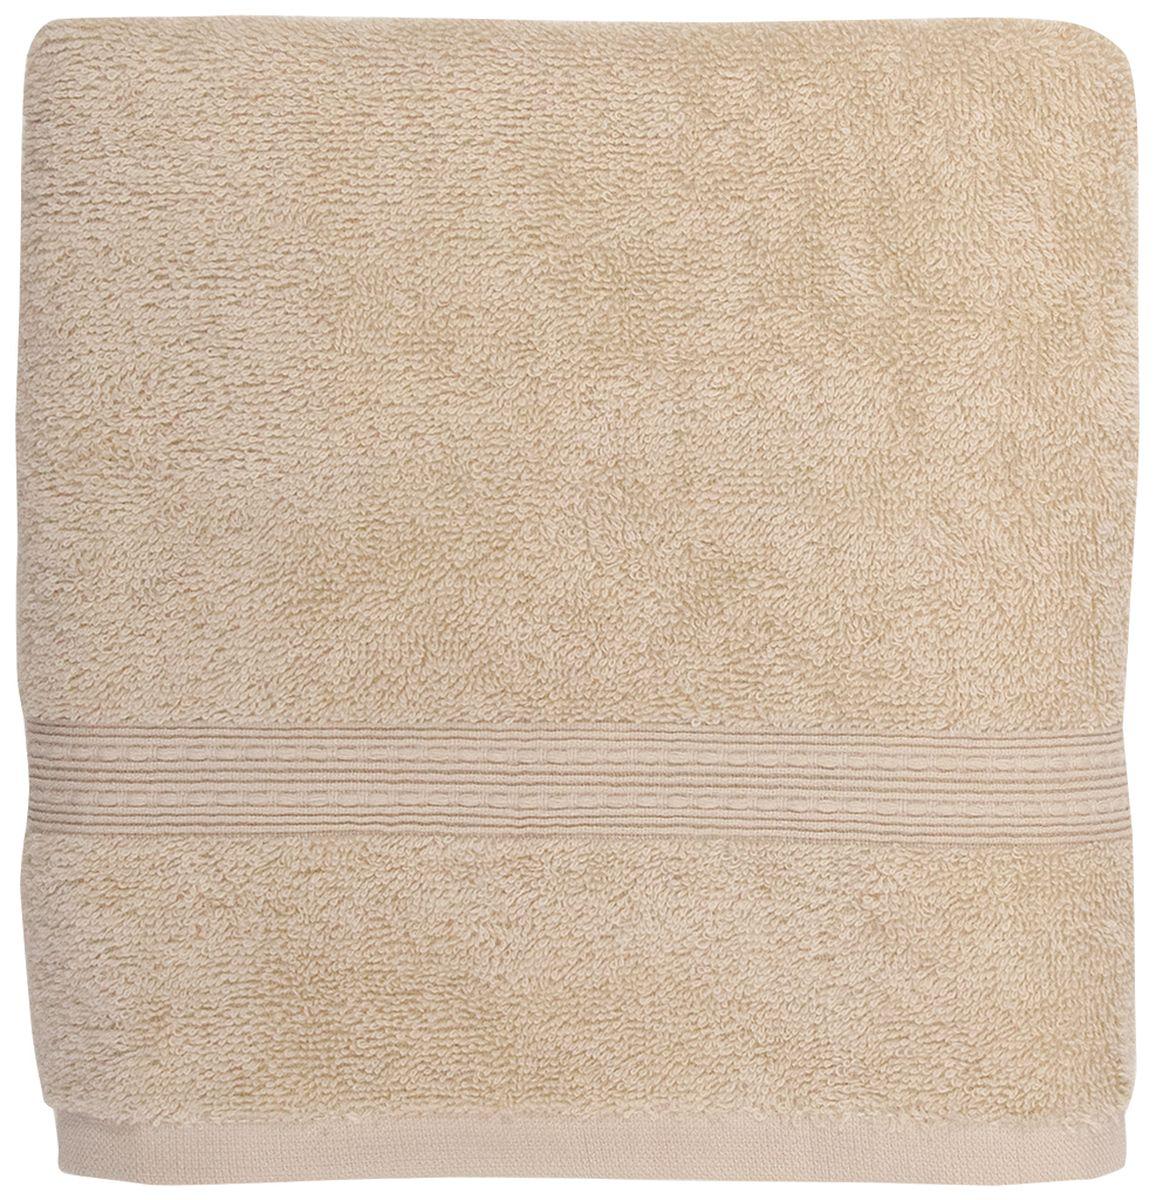 Полотенце банное Bonita Classic, цвет: бисквит, 70 х 140 см391602Банное полотенце Bonita Classic выполнено из 100% хлопка. Изделие отлично впитывает влагу, быстро сохнет, сохраняет яркость цвета и не теряет форму даже после многократных стирок. Такое полотенце очень практично и неприхотливо в уходе. Оно создаст прекрасное настроение и украсит интерьер в ванной комнате.